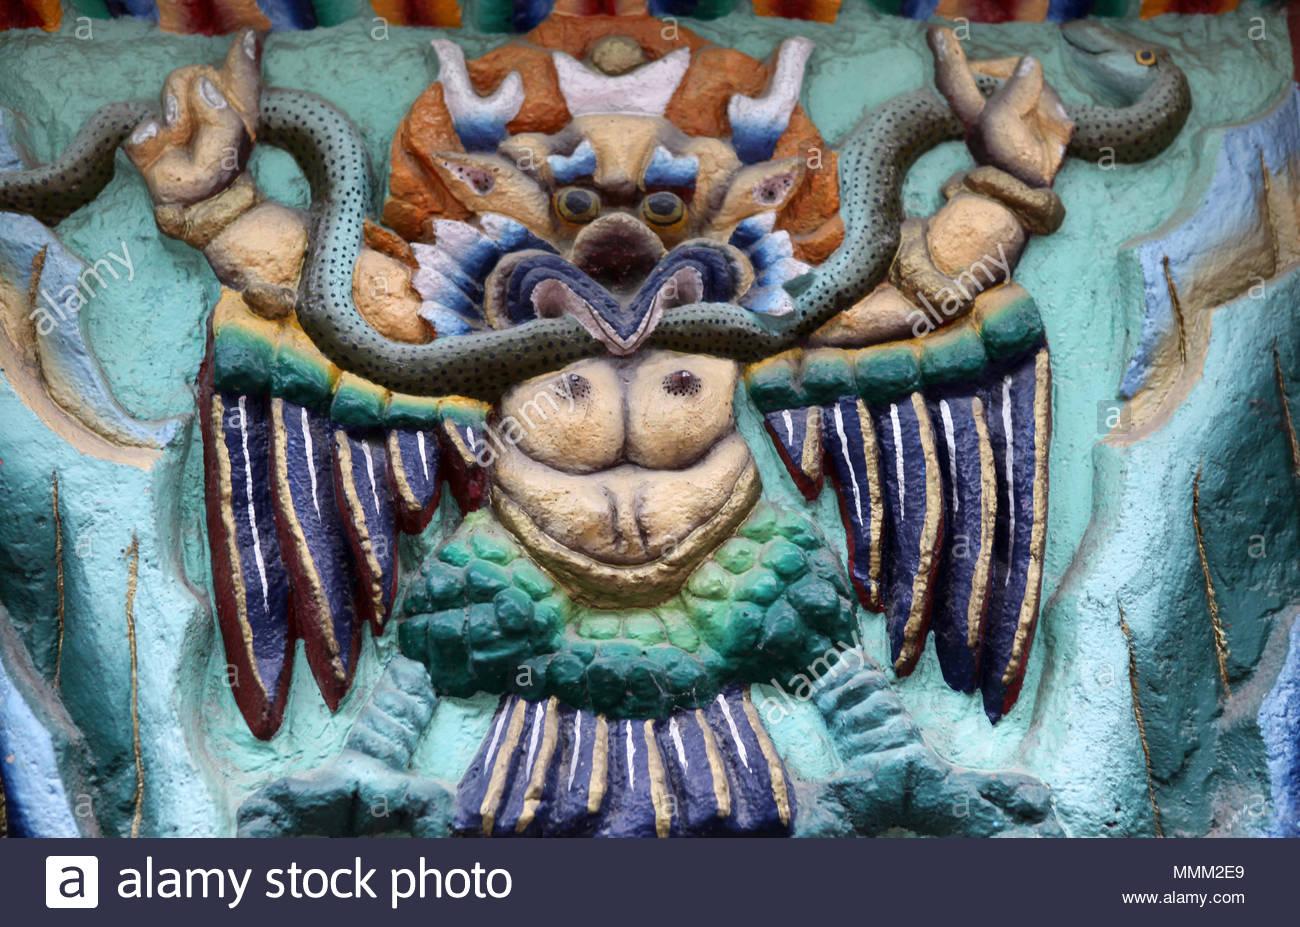 """Dettaglio del rilievo raffigurante arte mitico uccello-come creatura afferrare un serpente nella sua talons """" su un edificio di Gangtok, Sikkim. Immagini Stock"""